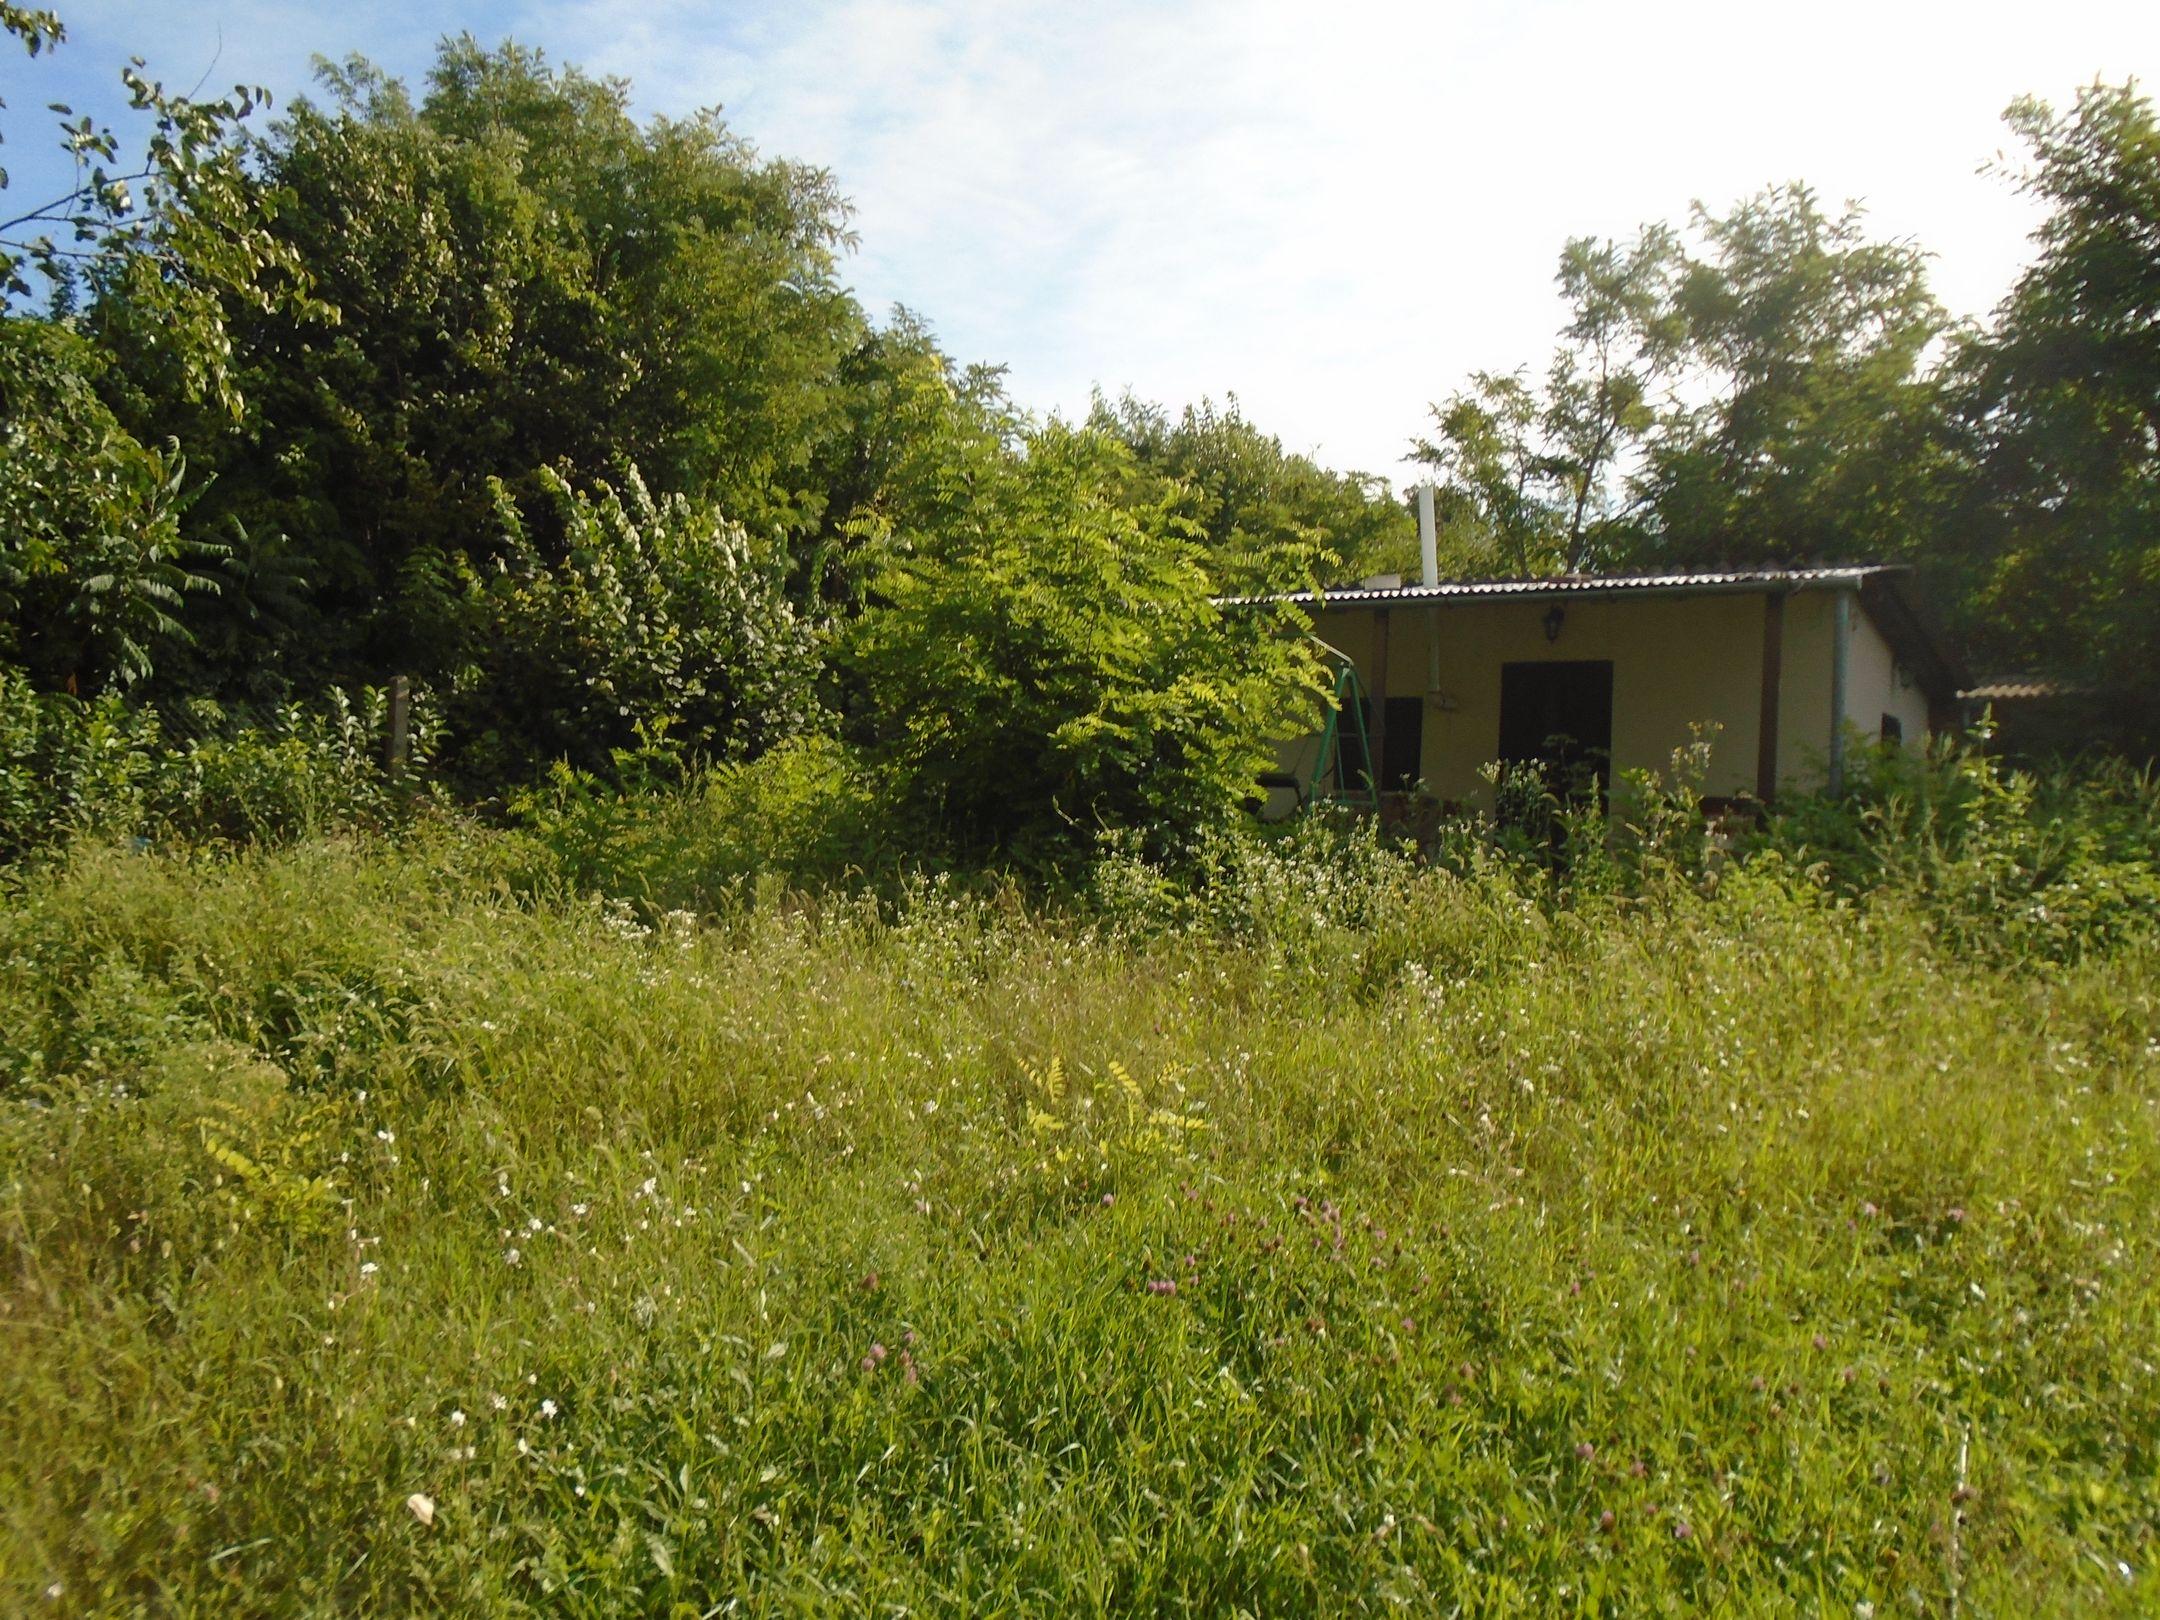 Gyömrő központjában,a tó mellett építési telek téliesített kisházzal eladó!